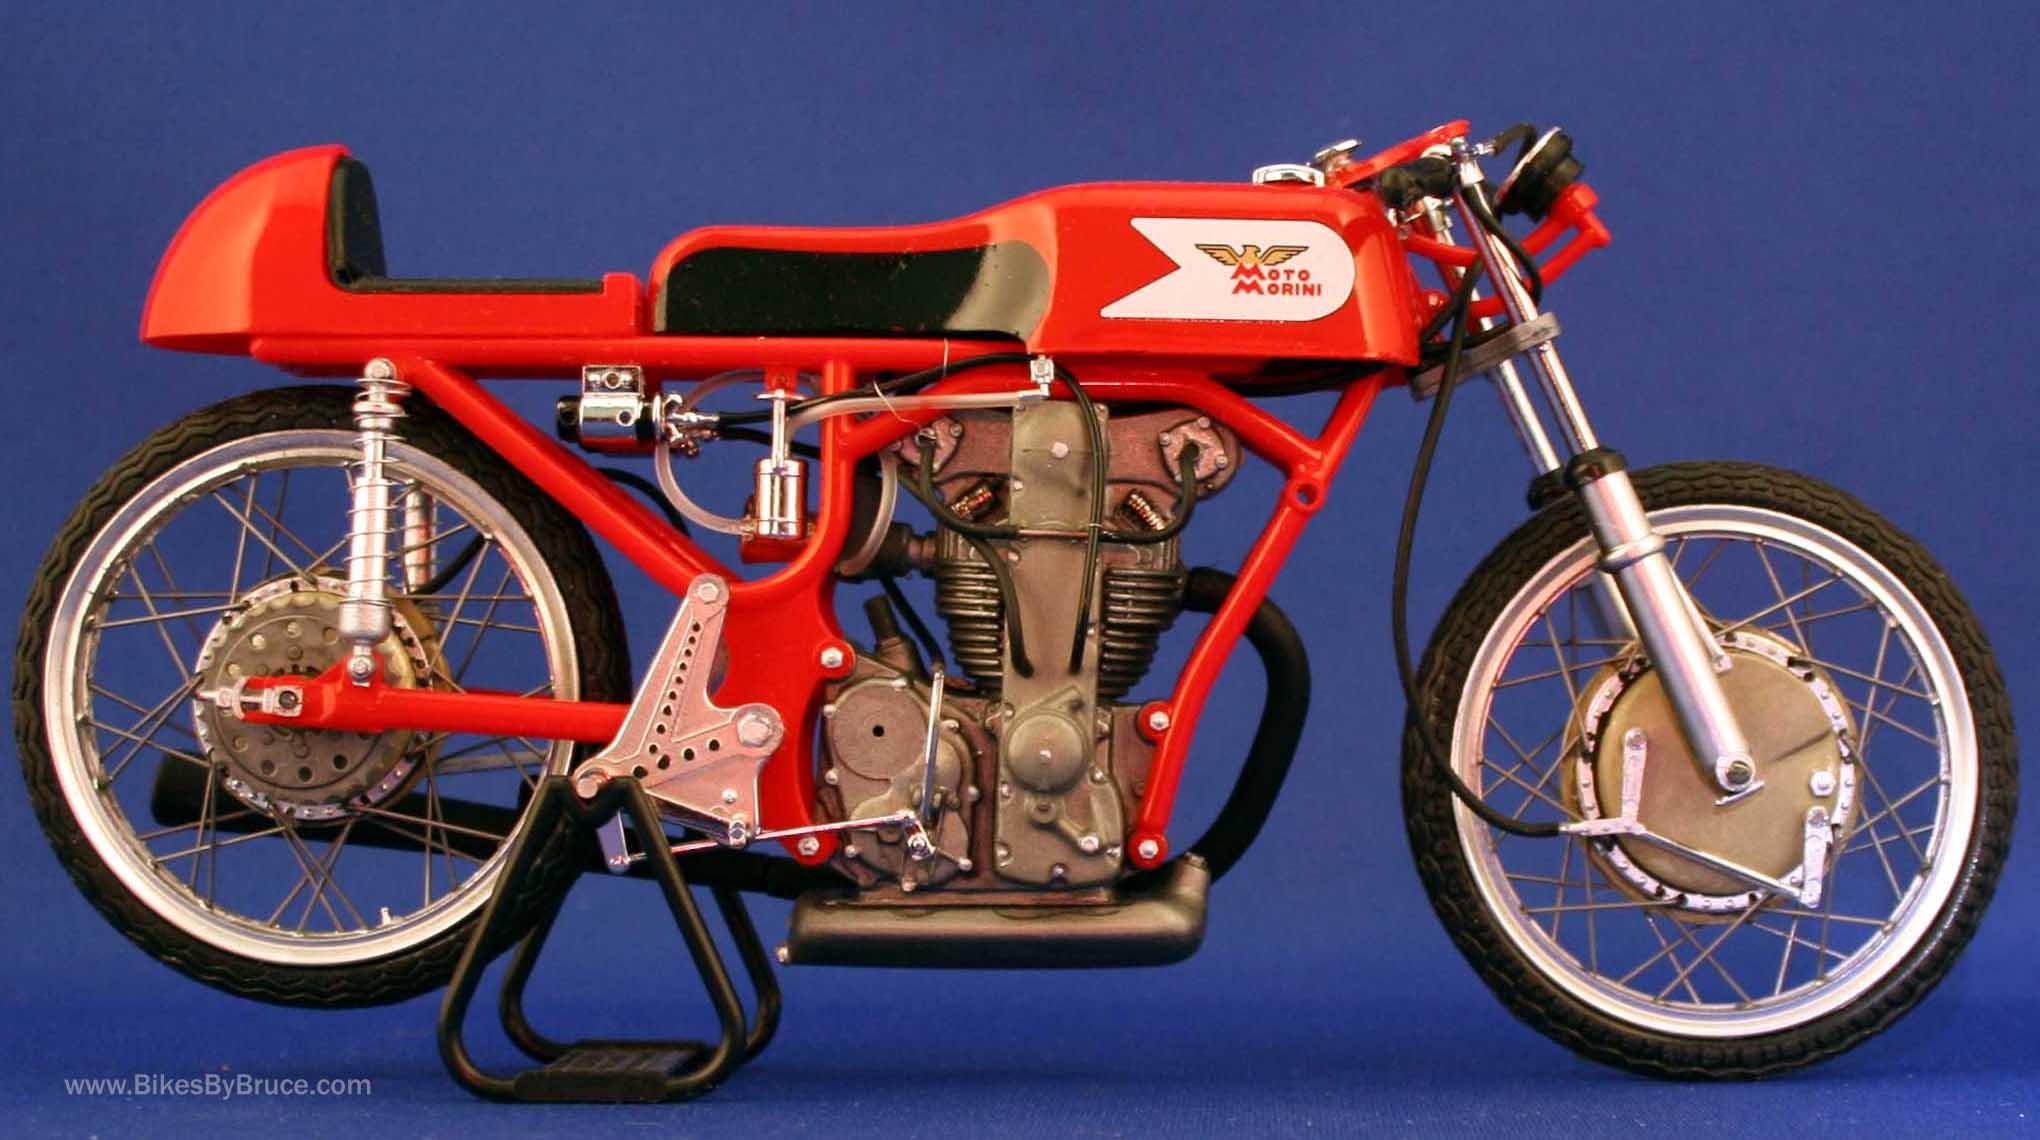 Bikes By Bruce Moto Morini 250cc Grand Prix